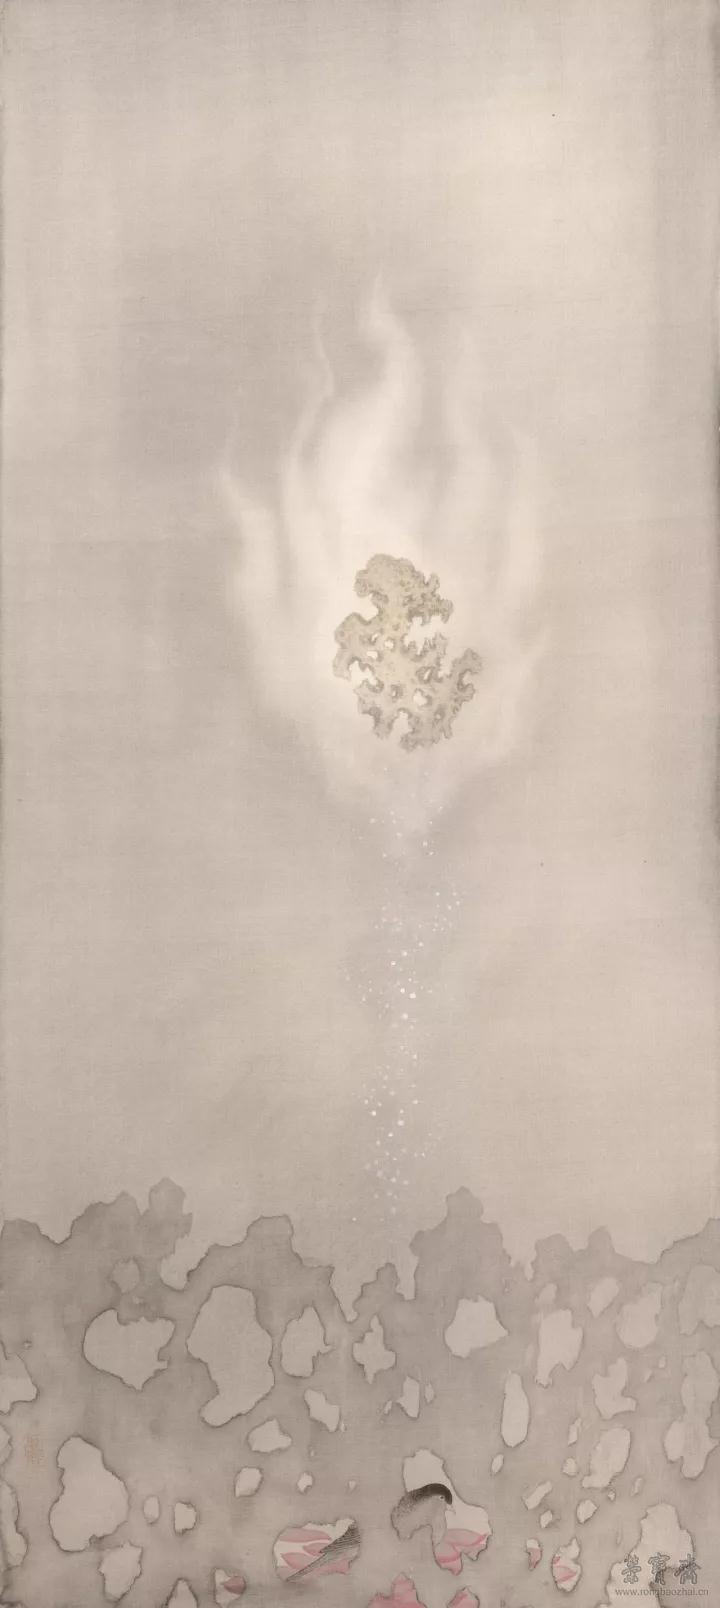 廖星君 妙法莲华 113.5cm×51cm 绢本设色 2017